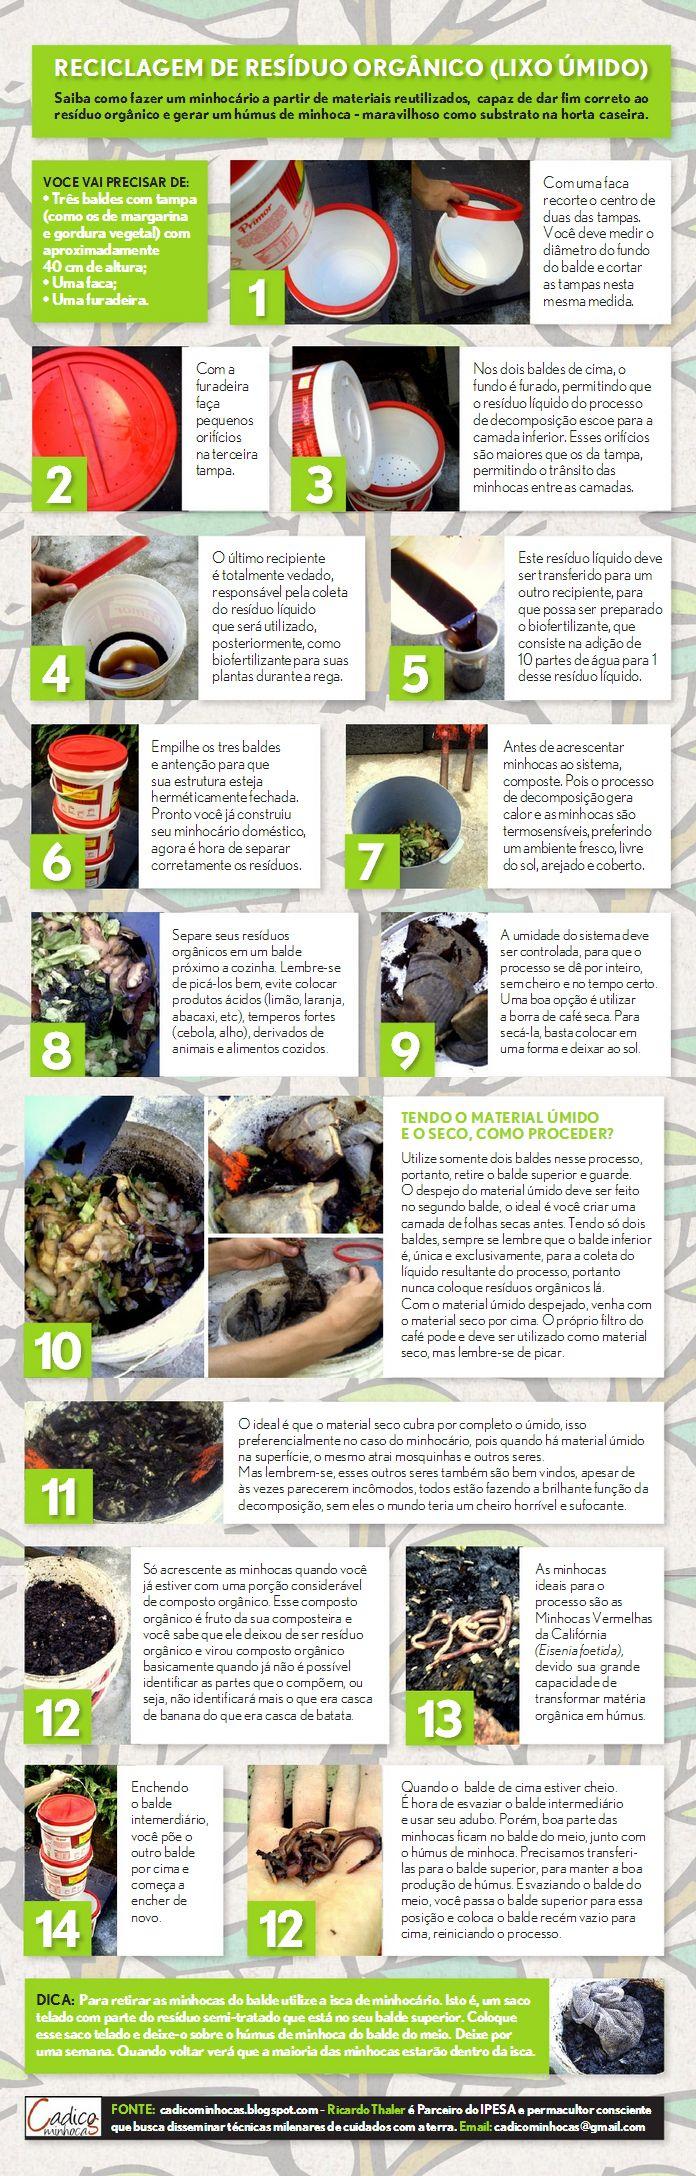 Saiba como fazer um #minhocario a partir de materiais reutilizados, capaz de dar fim correto ao resíduo orgânico e gerar húmus de minhoca.